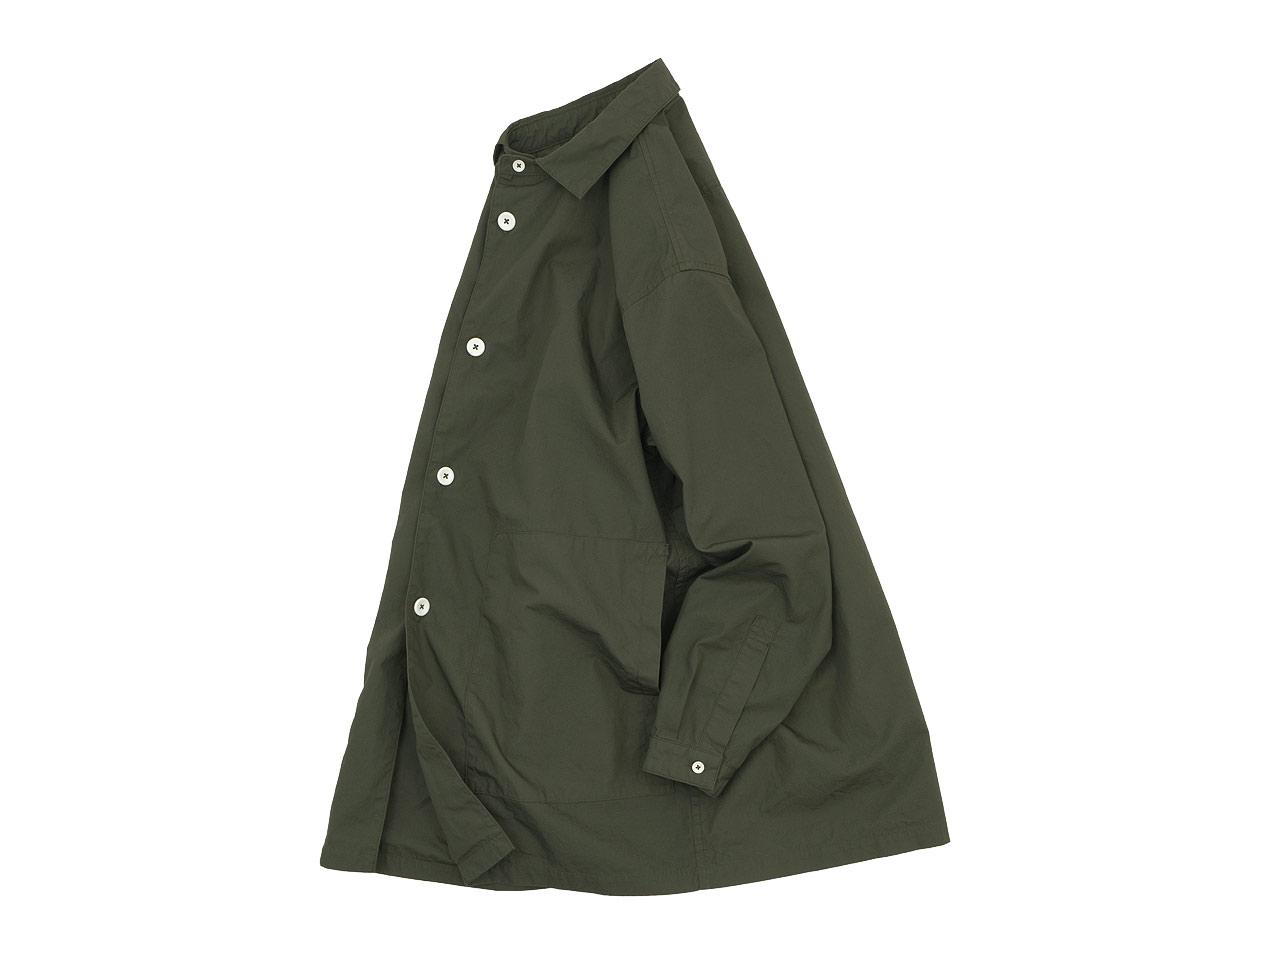 LOLO 30ウェザー シャツジャケット